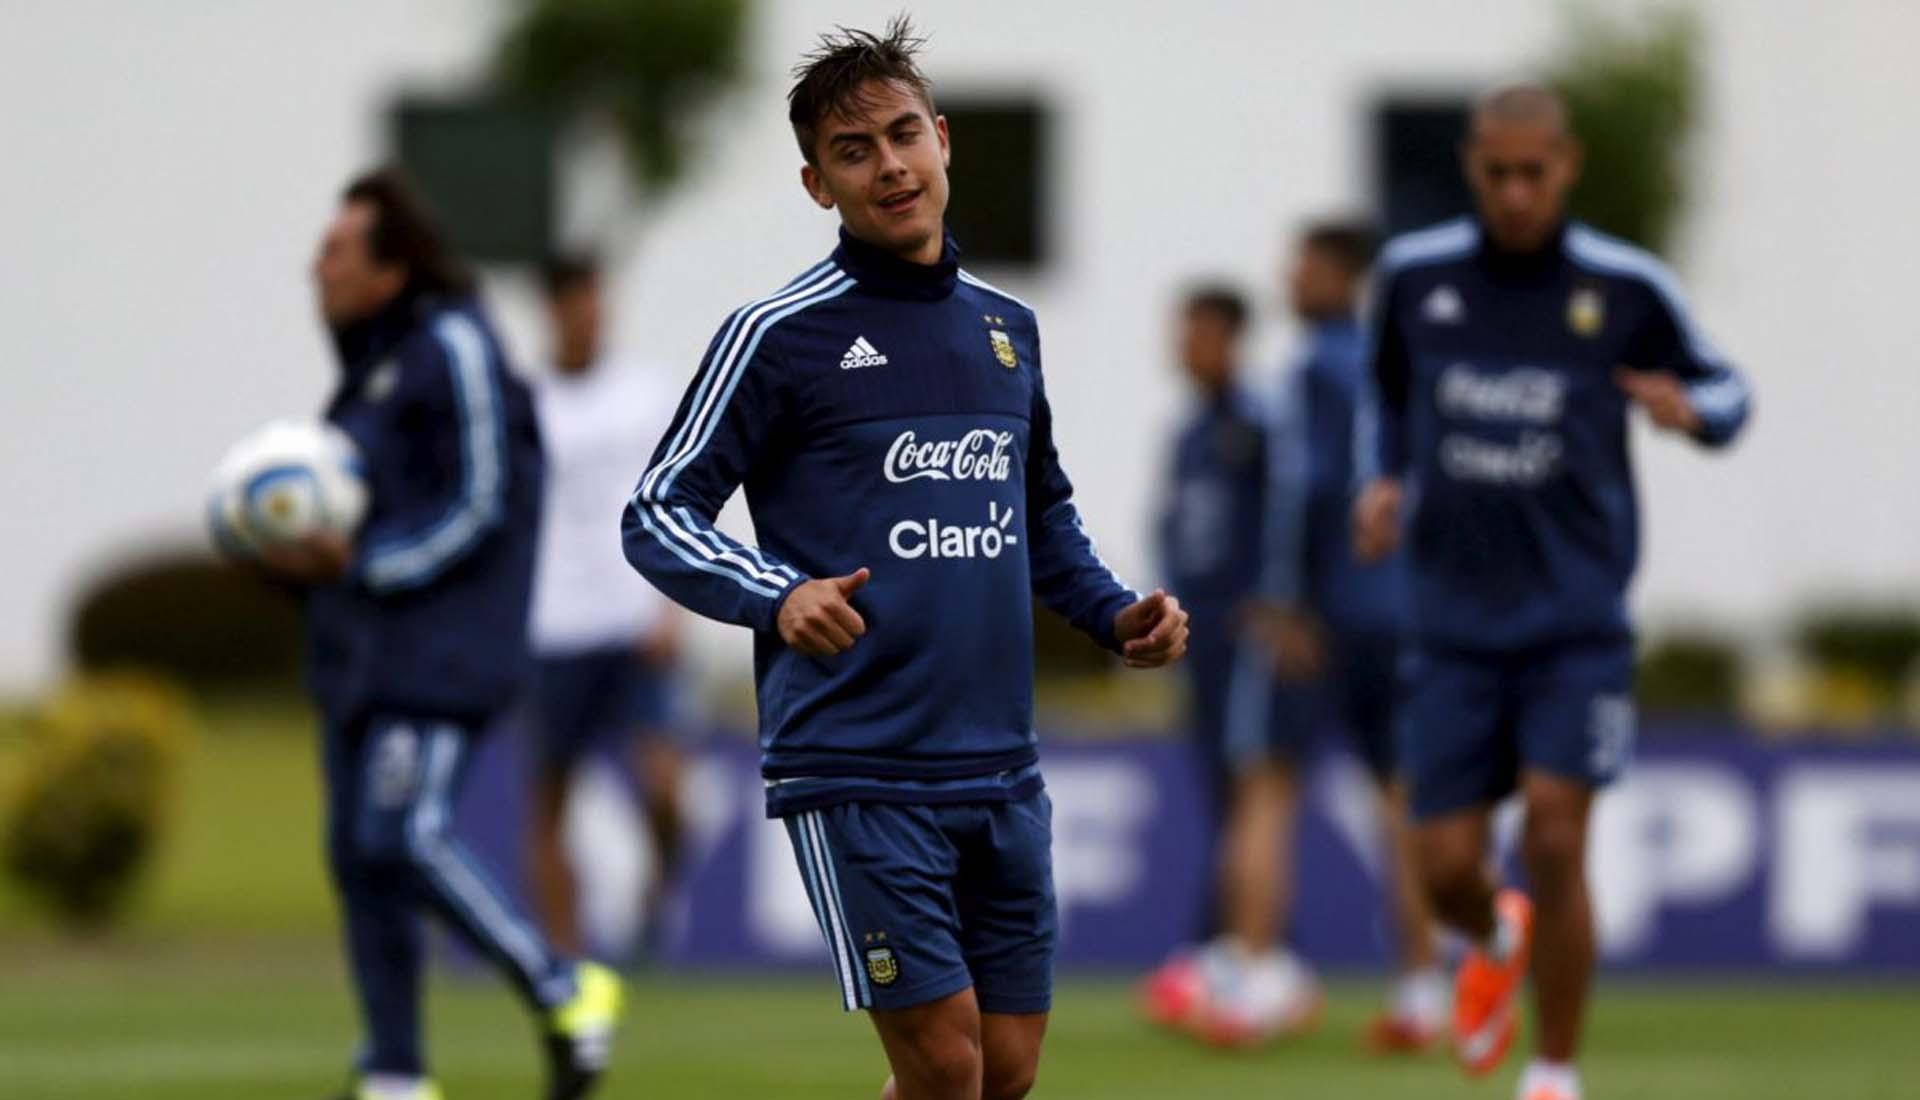 Dybala tập luyện cùng giày bóng đá Adidas Copa 2021 thế hệ mới